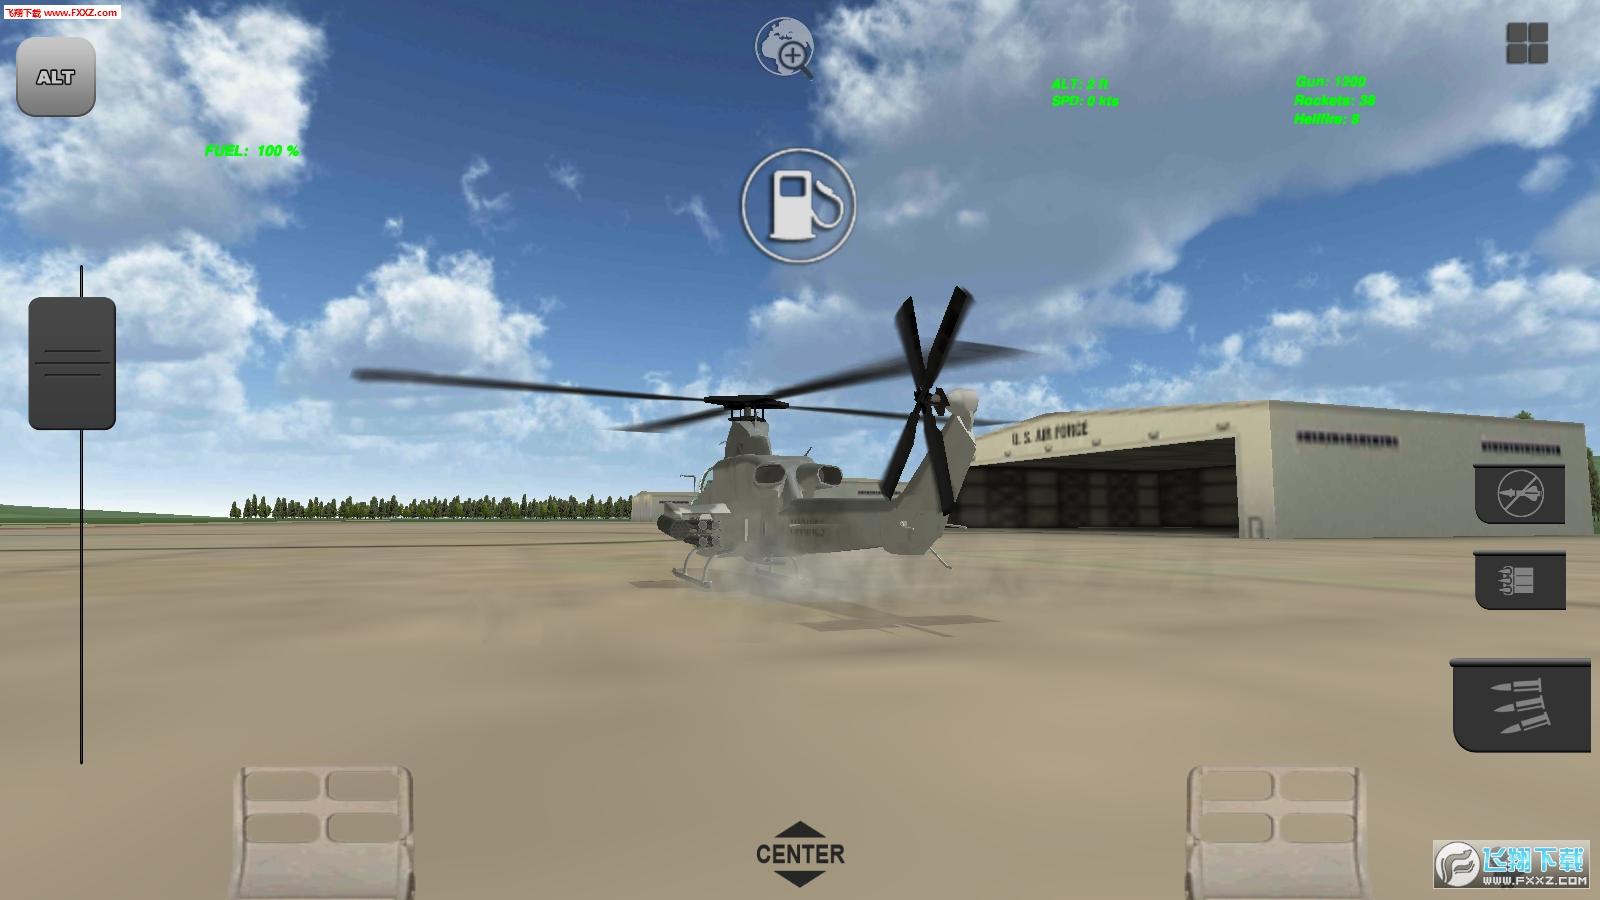 直升机飞行模拟器手游1.0.3截图0